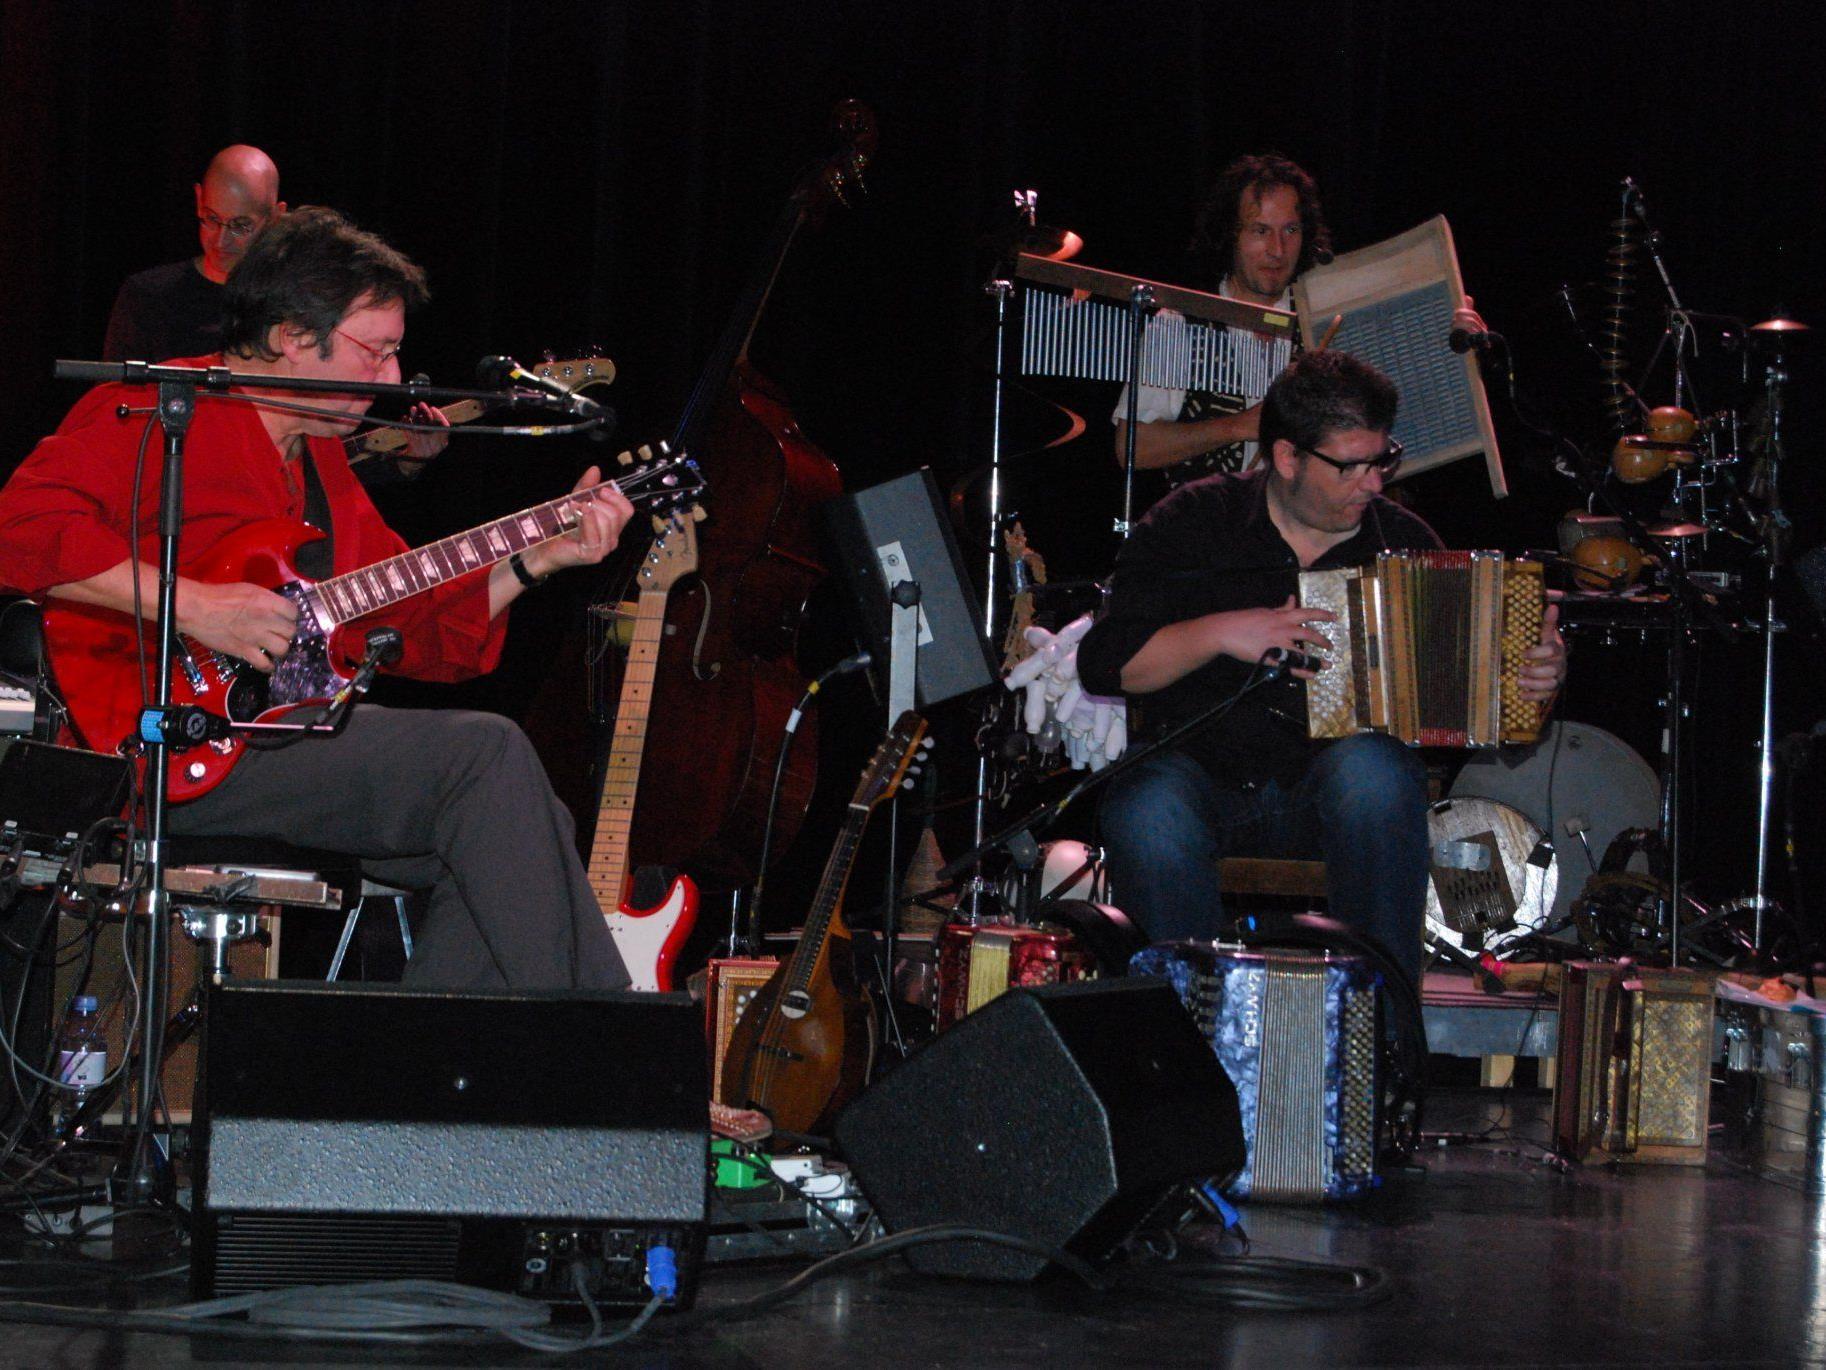 Max Lässer an der Gitarre mit Ausschnitt des Orchesters.